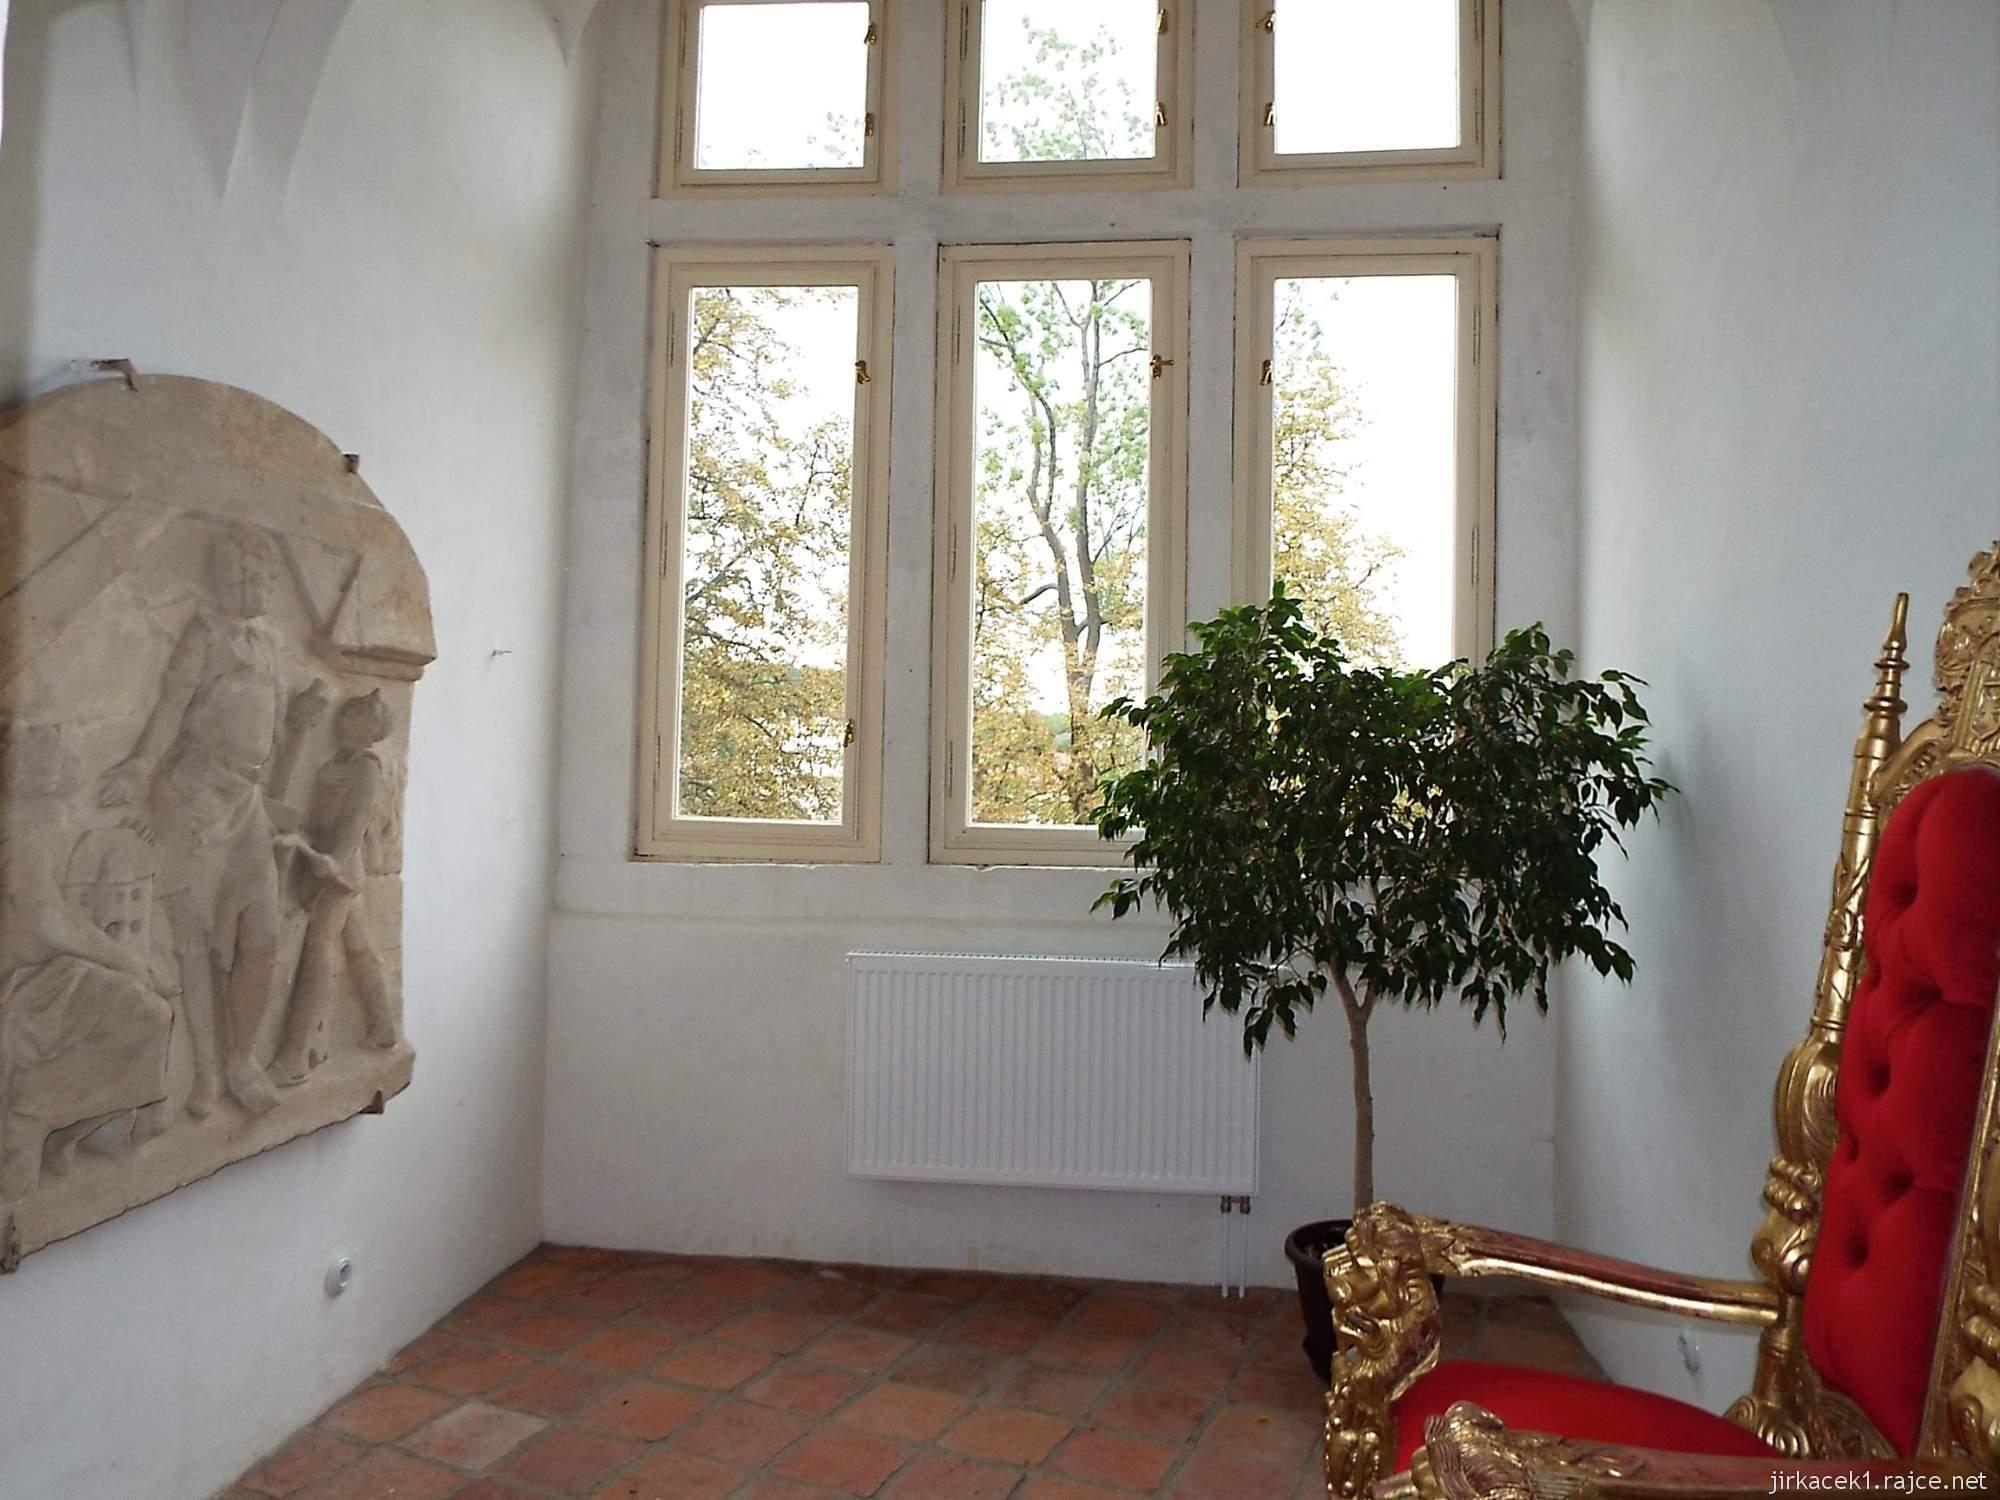 zámek Miroslav 33 - interiér renesančního paláce - arkýř